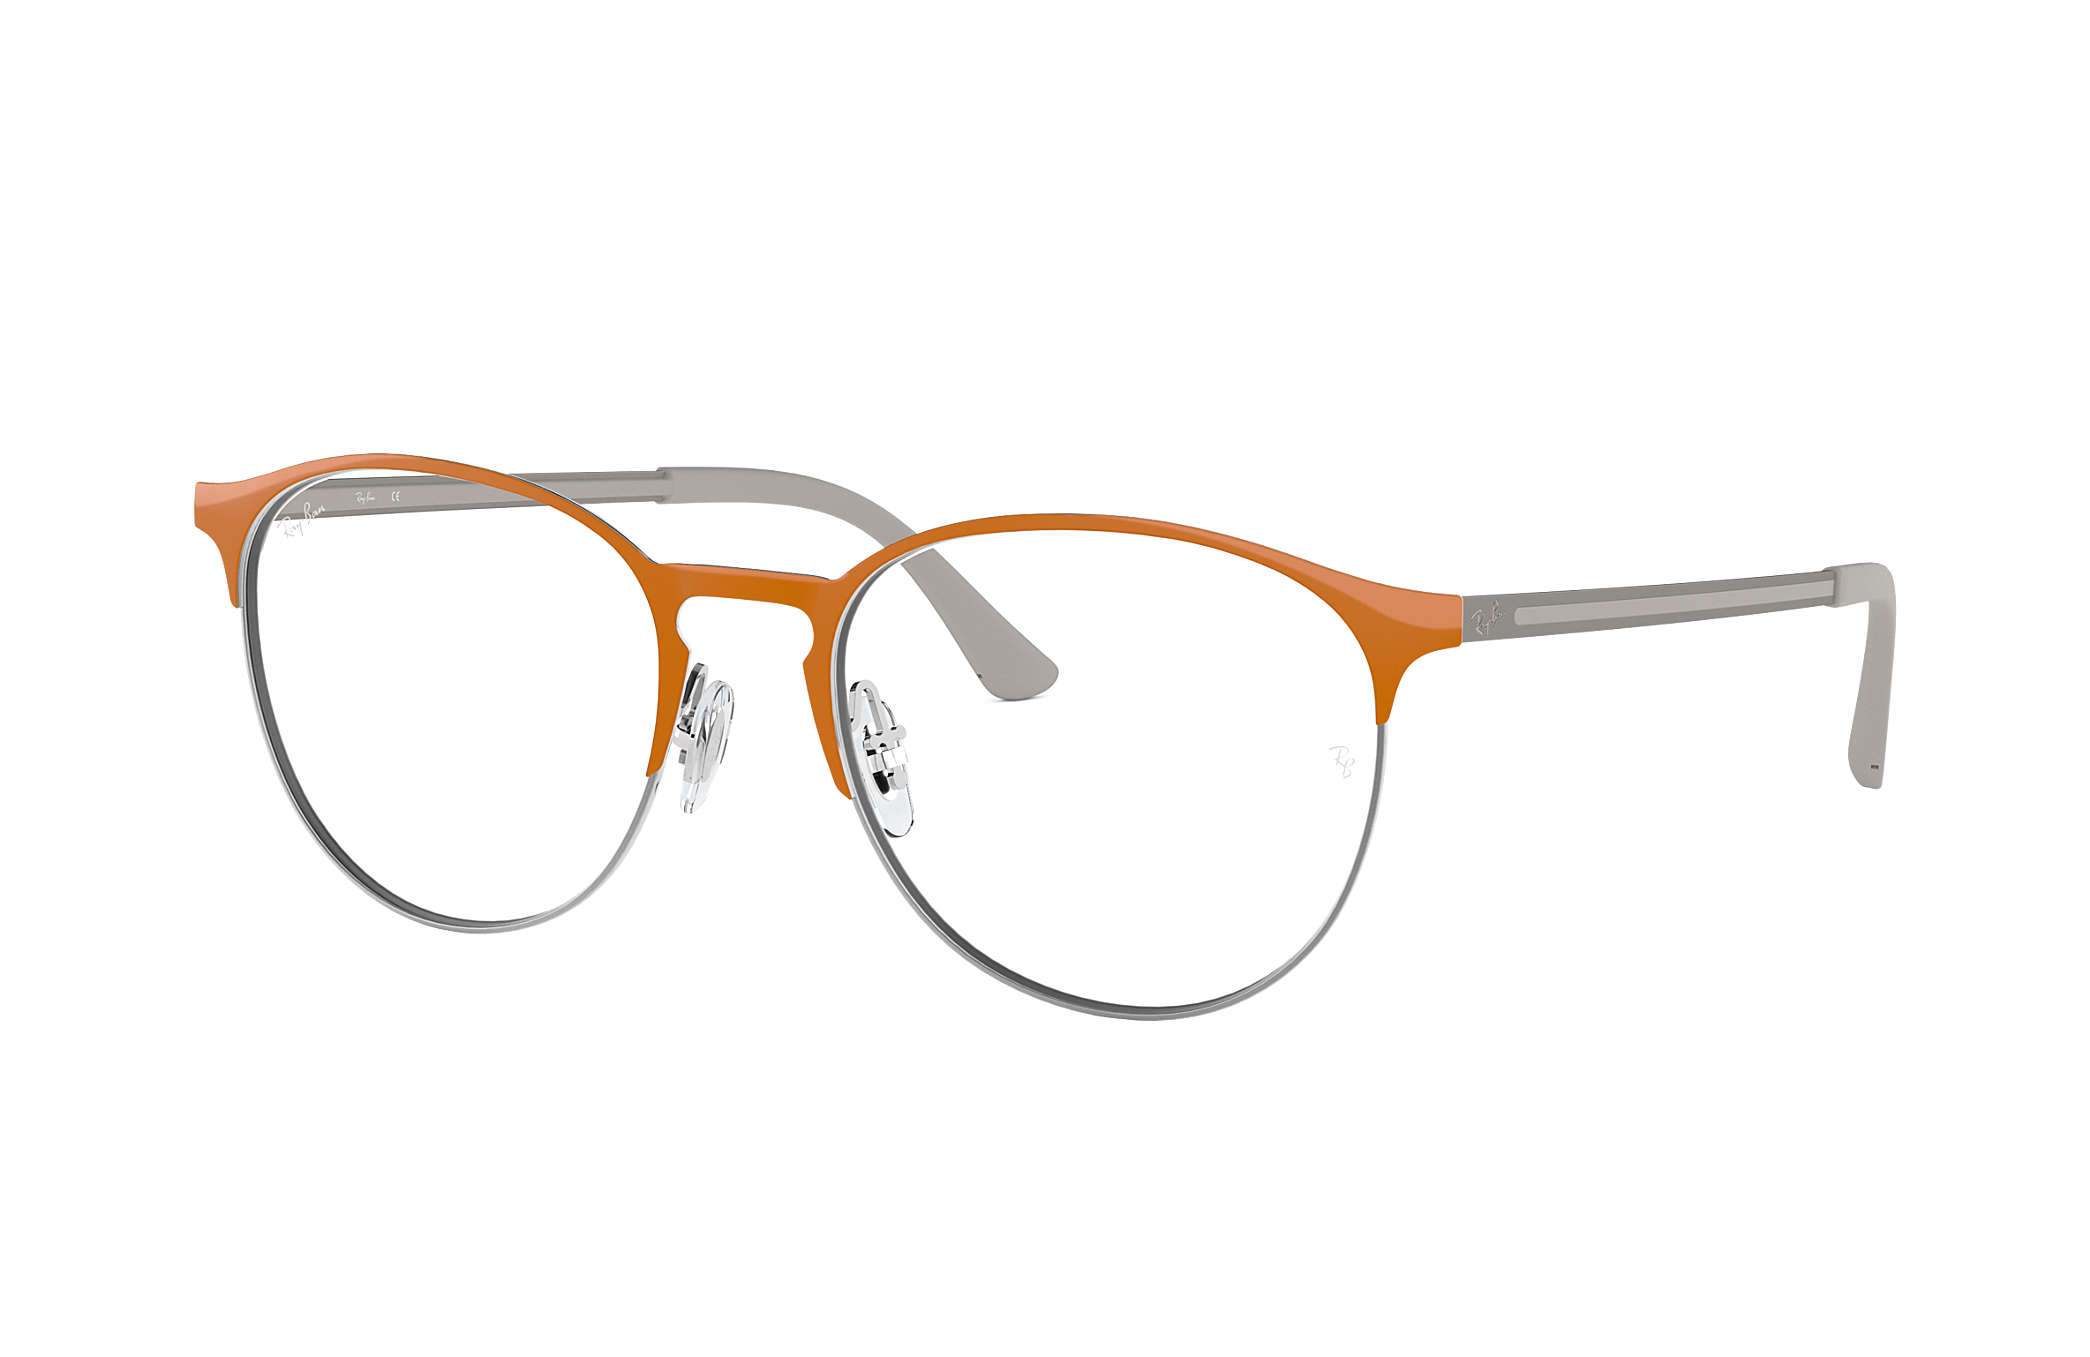 4490e427f Óculos de grau Ray-Ban RB6375 Preto - Metal - 0RX6375289053 | Ray ...